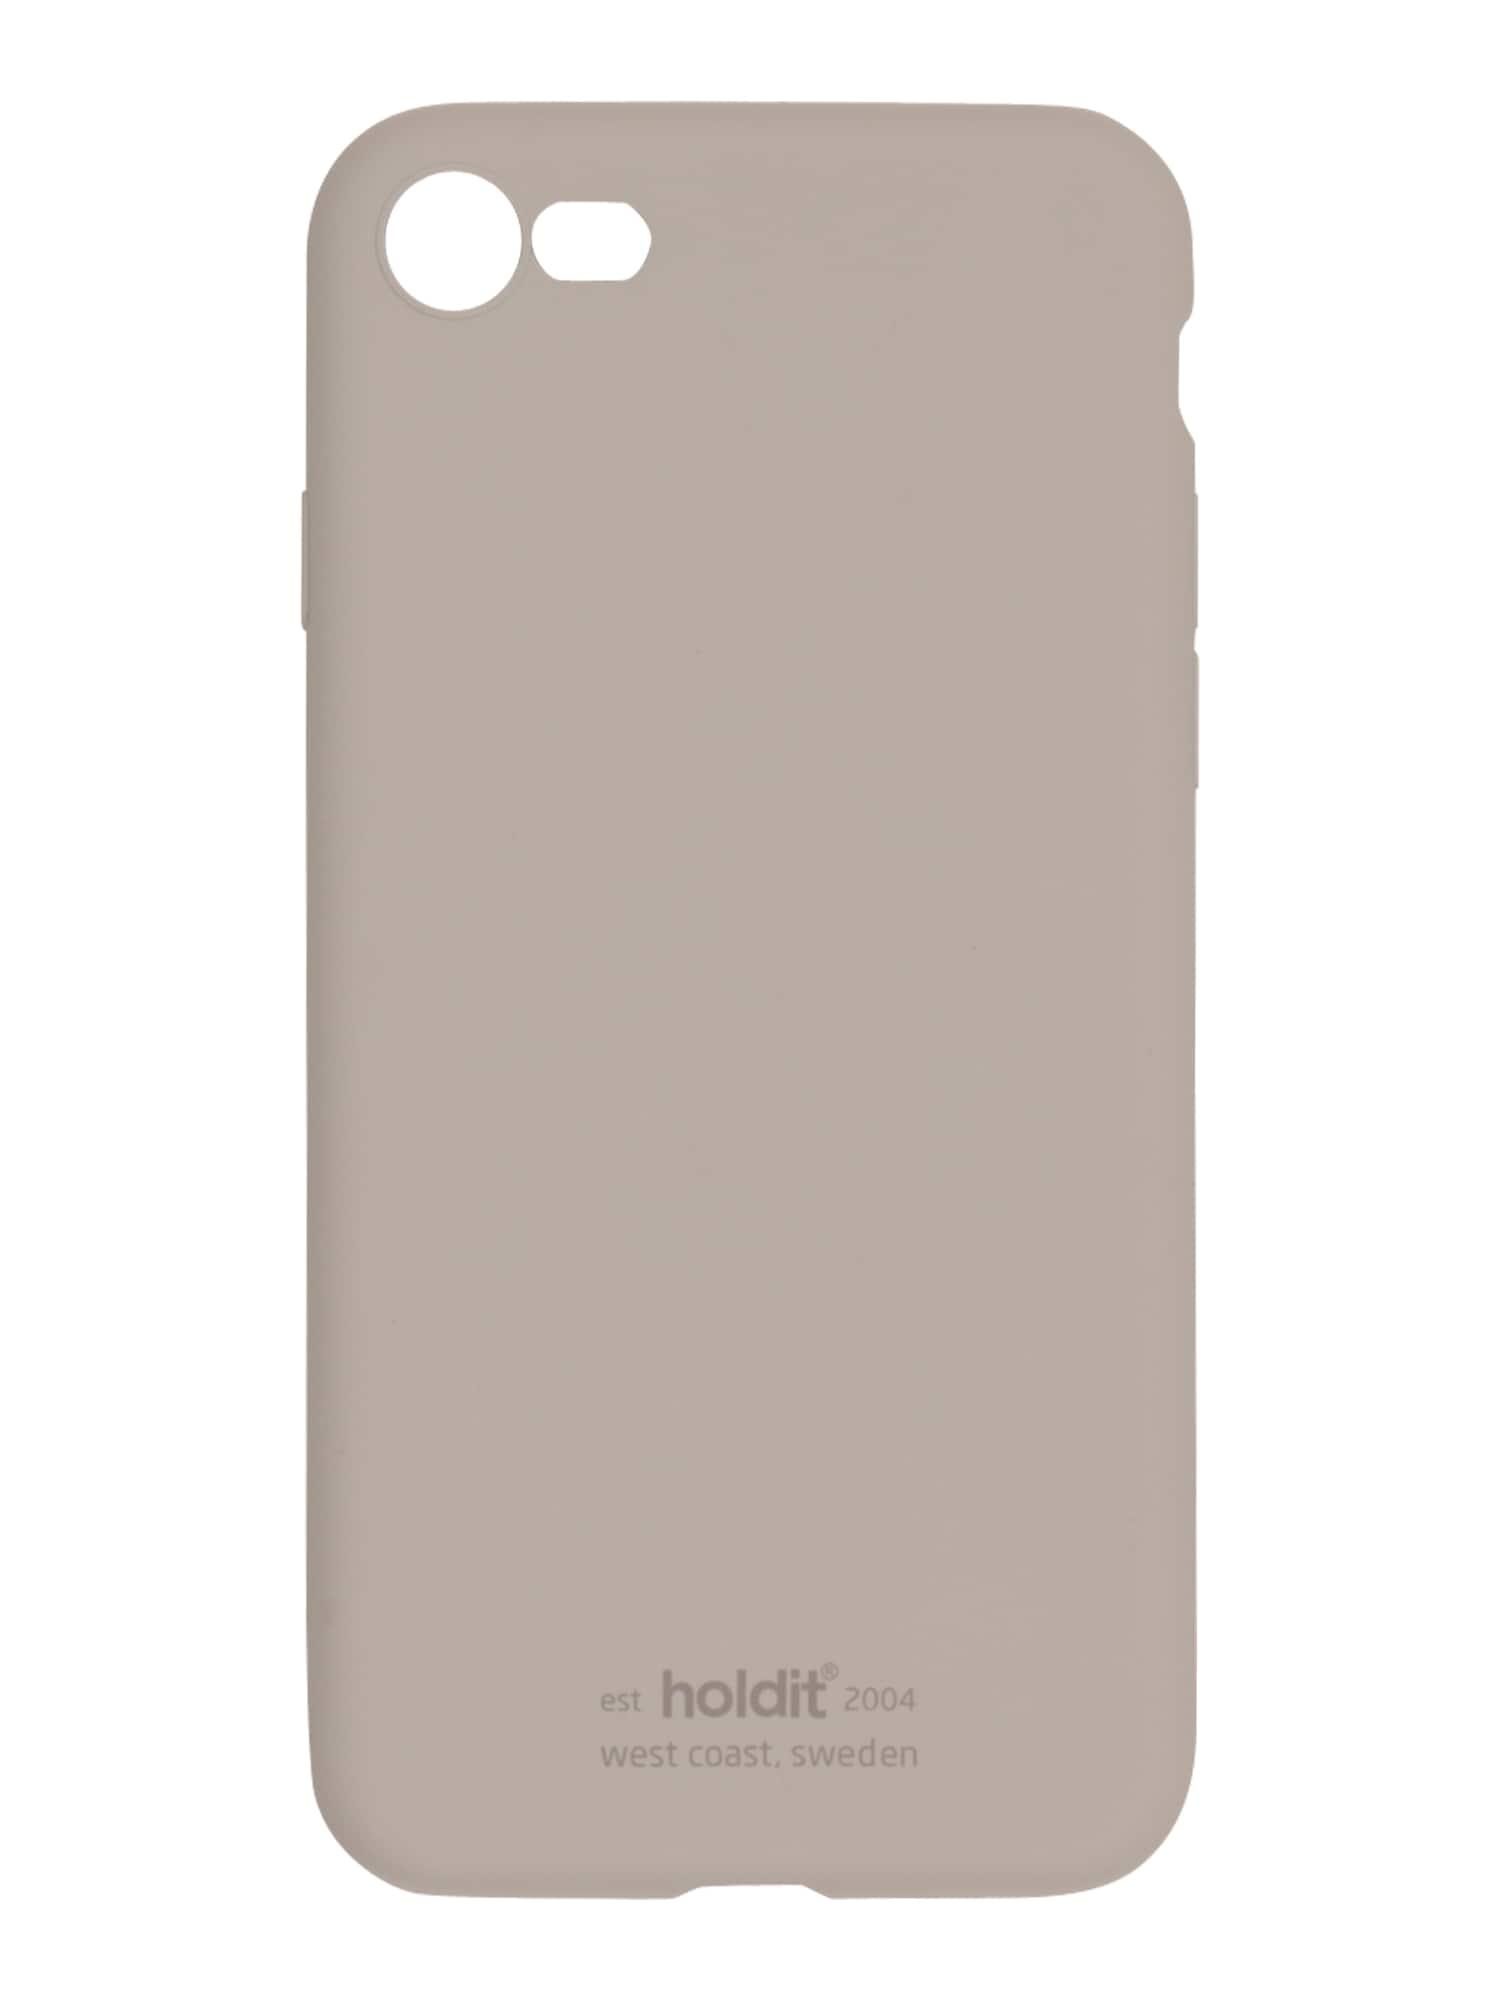 Holdit Išmaniojo telefono dėklas rausvai pilka